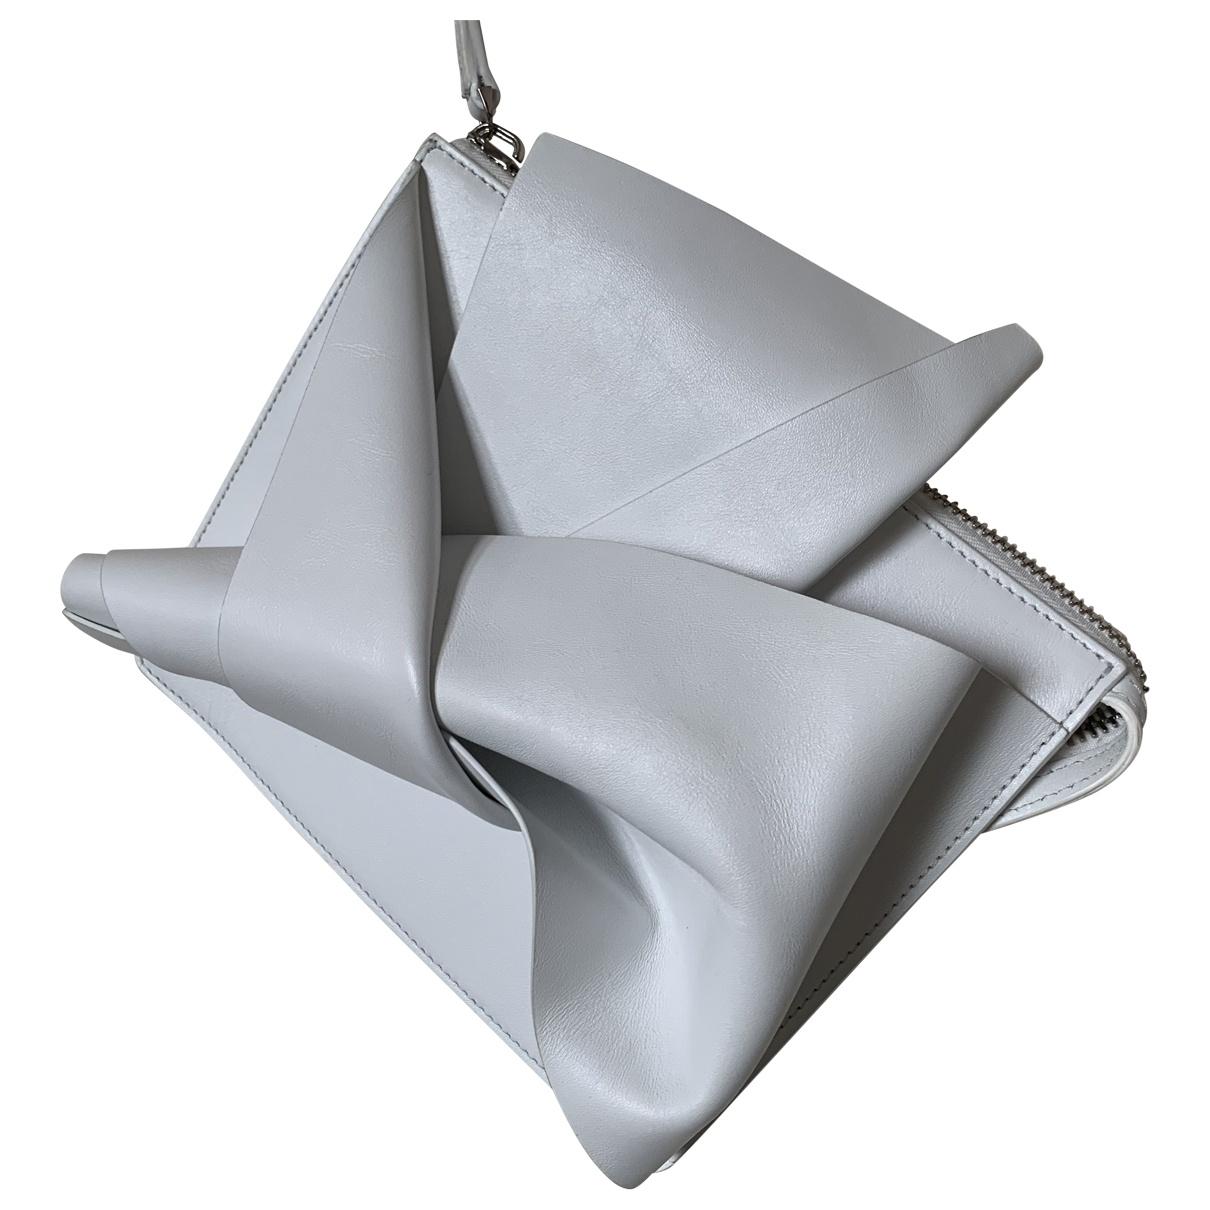 N°21 \N White Leather handbag for Women \N